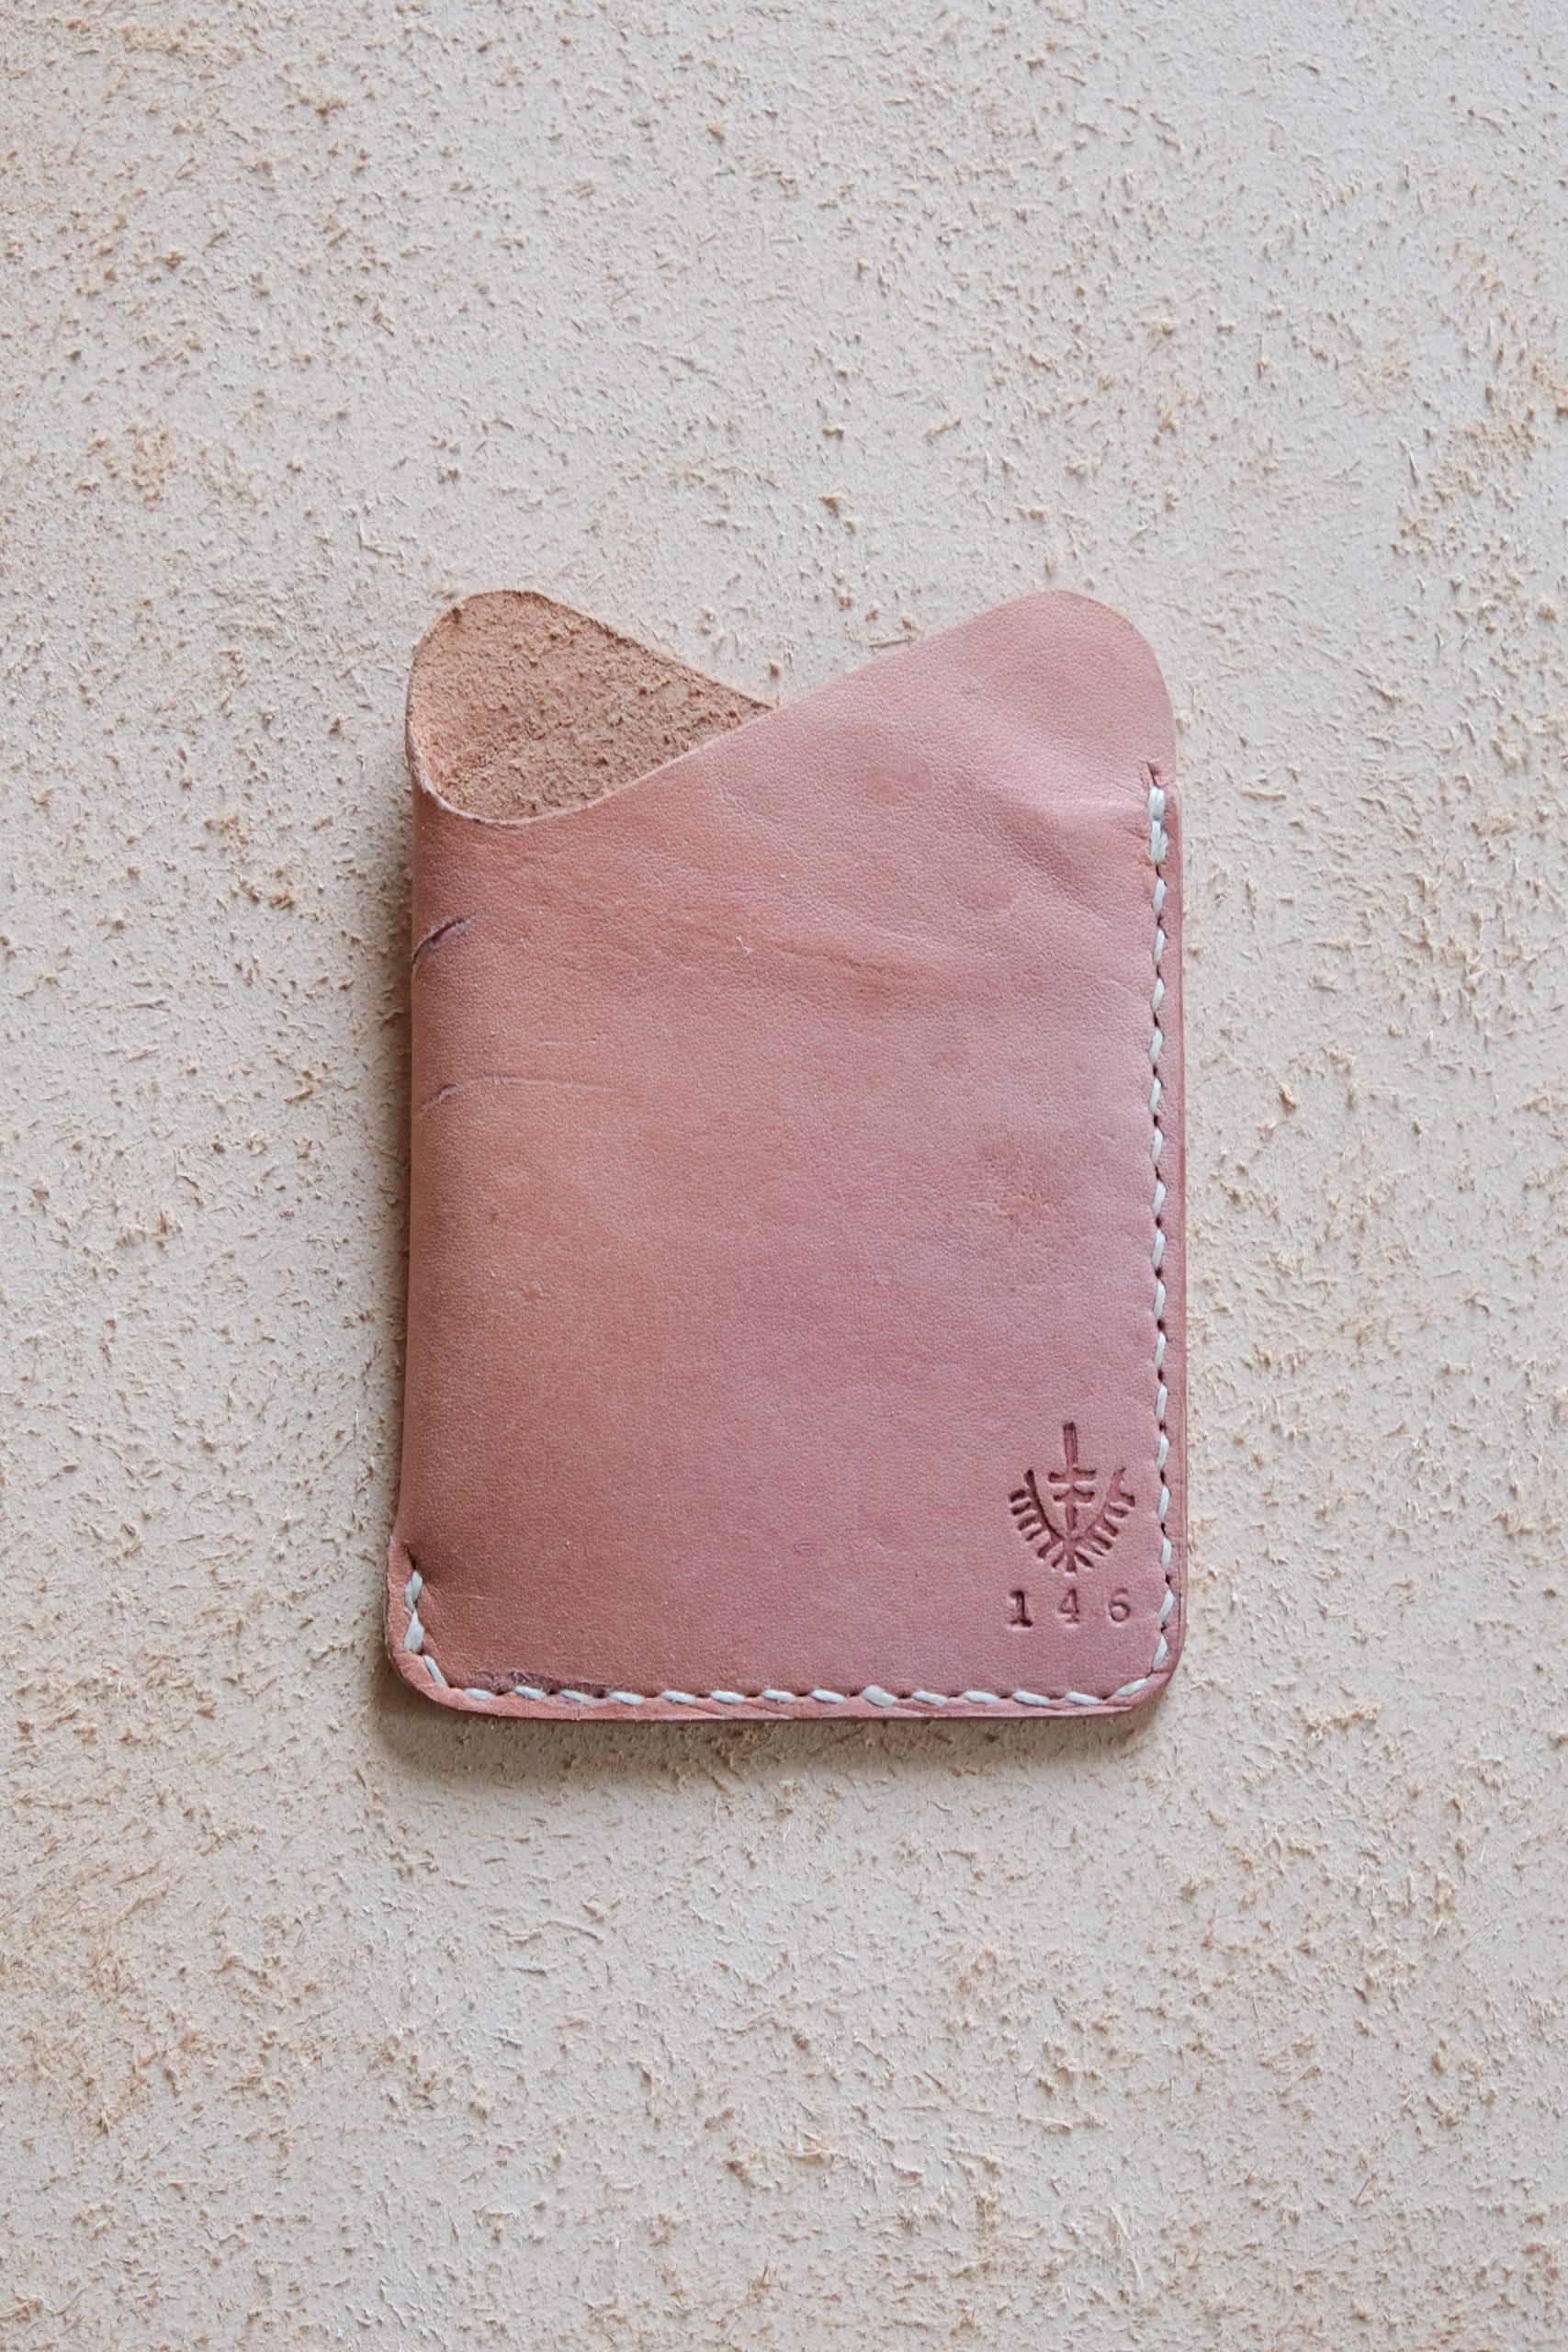 lerif designs leather wave cardholder beet on beige background